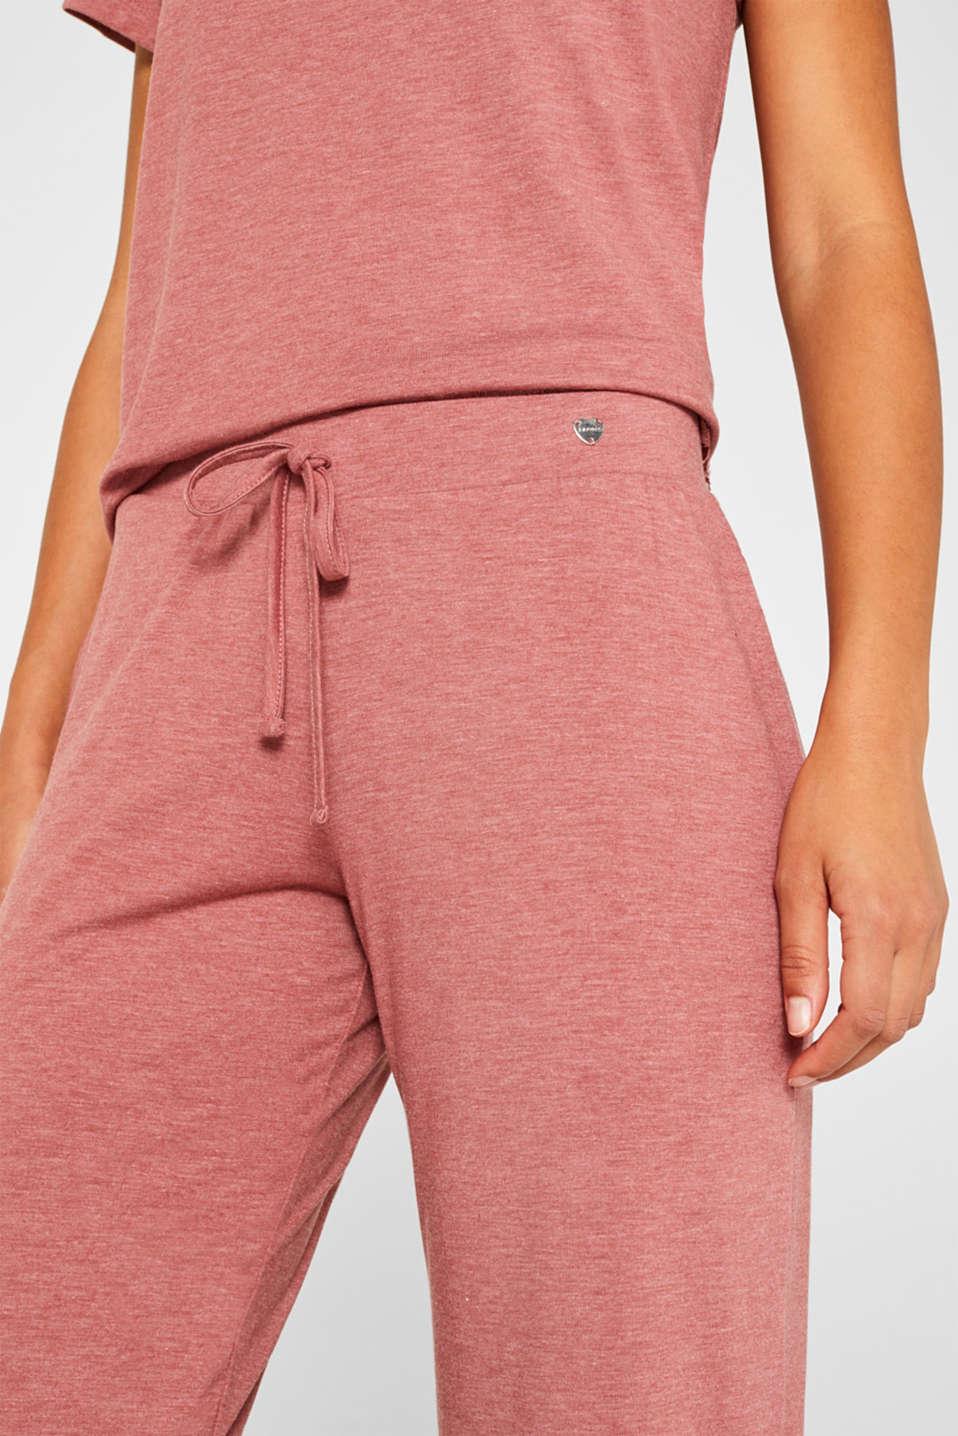 Nightpants, BLUSH, detail image number 1